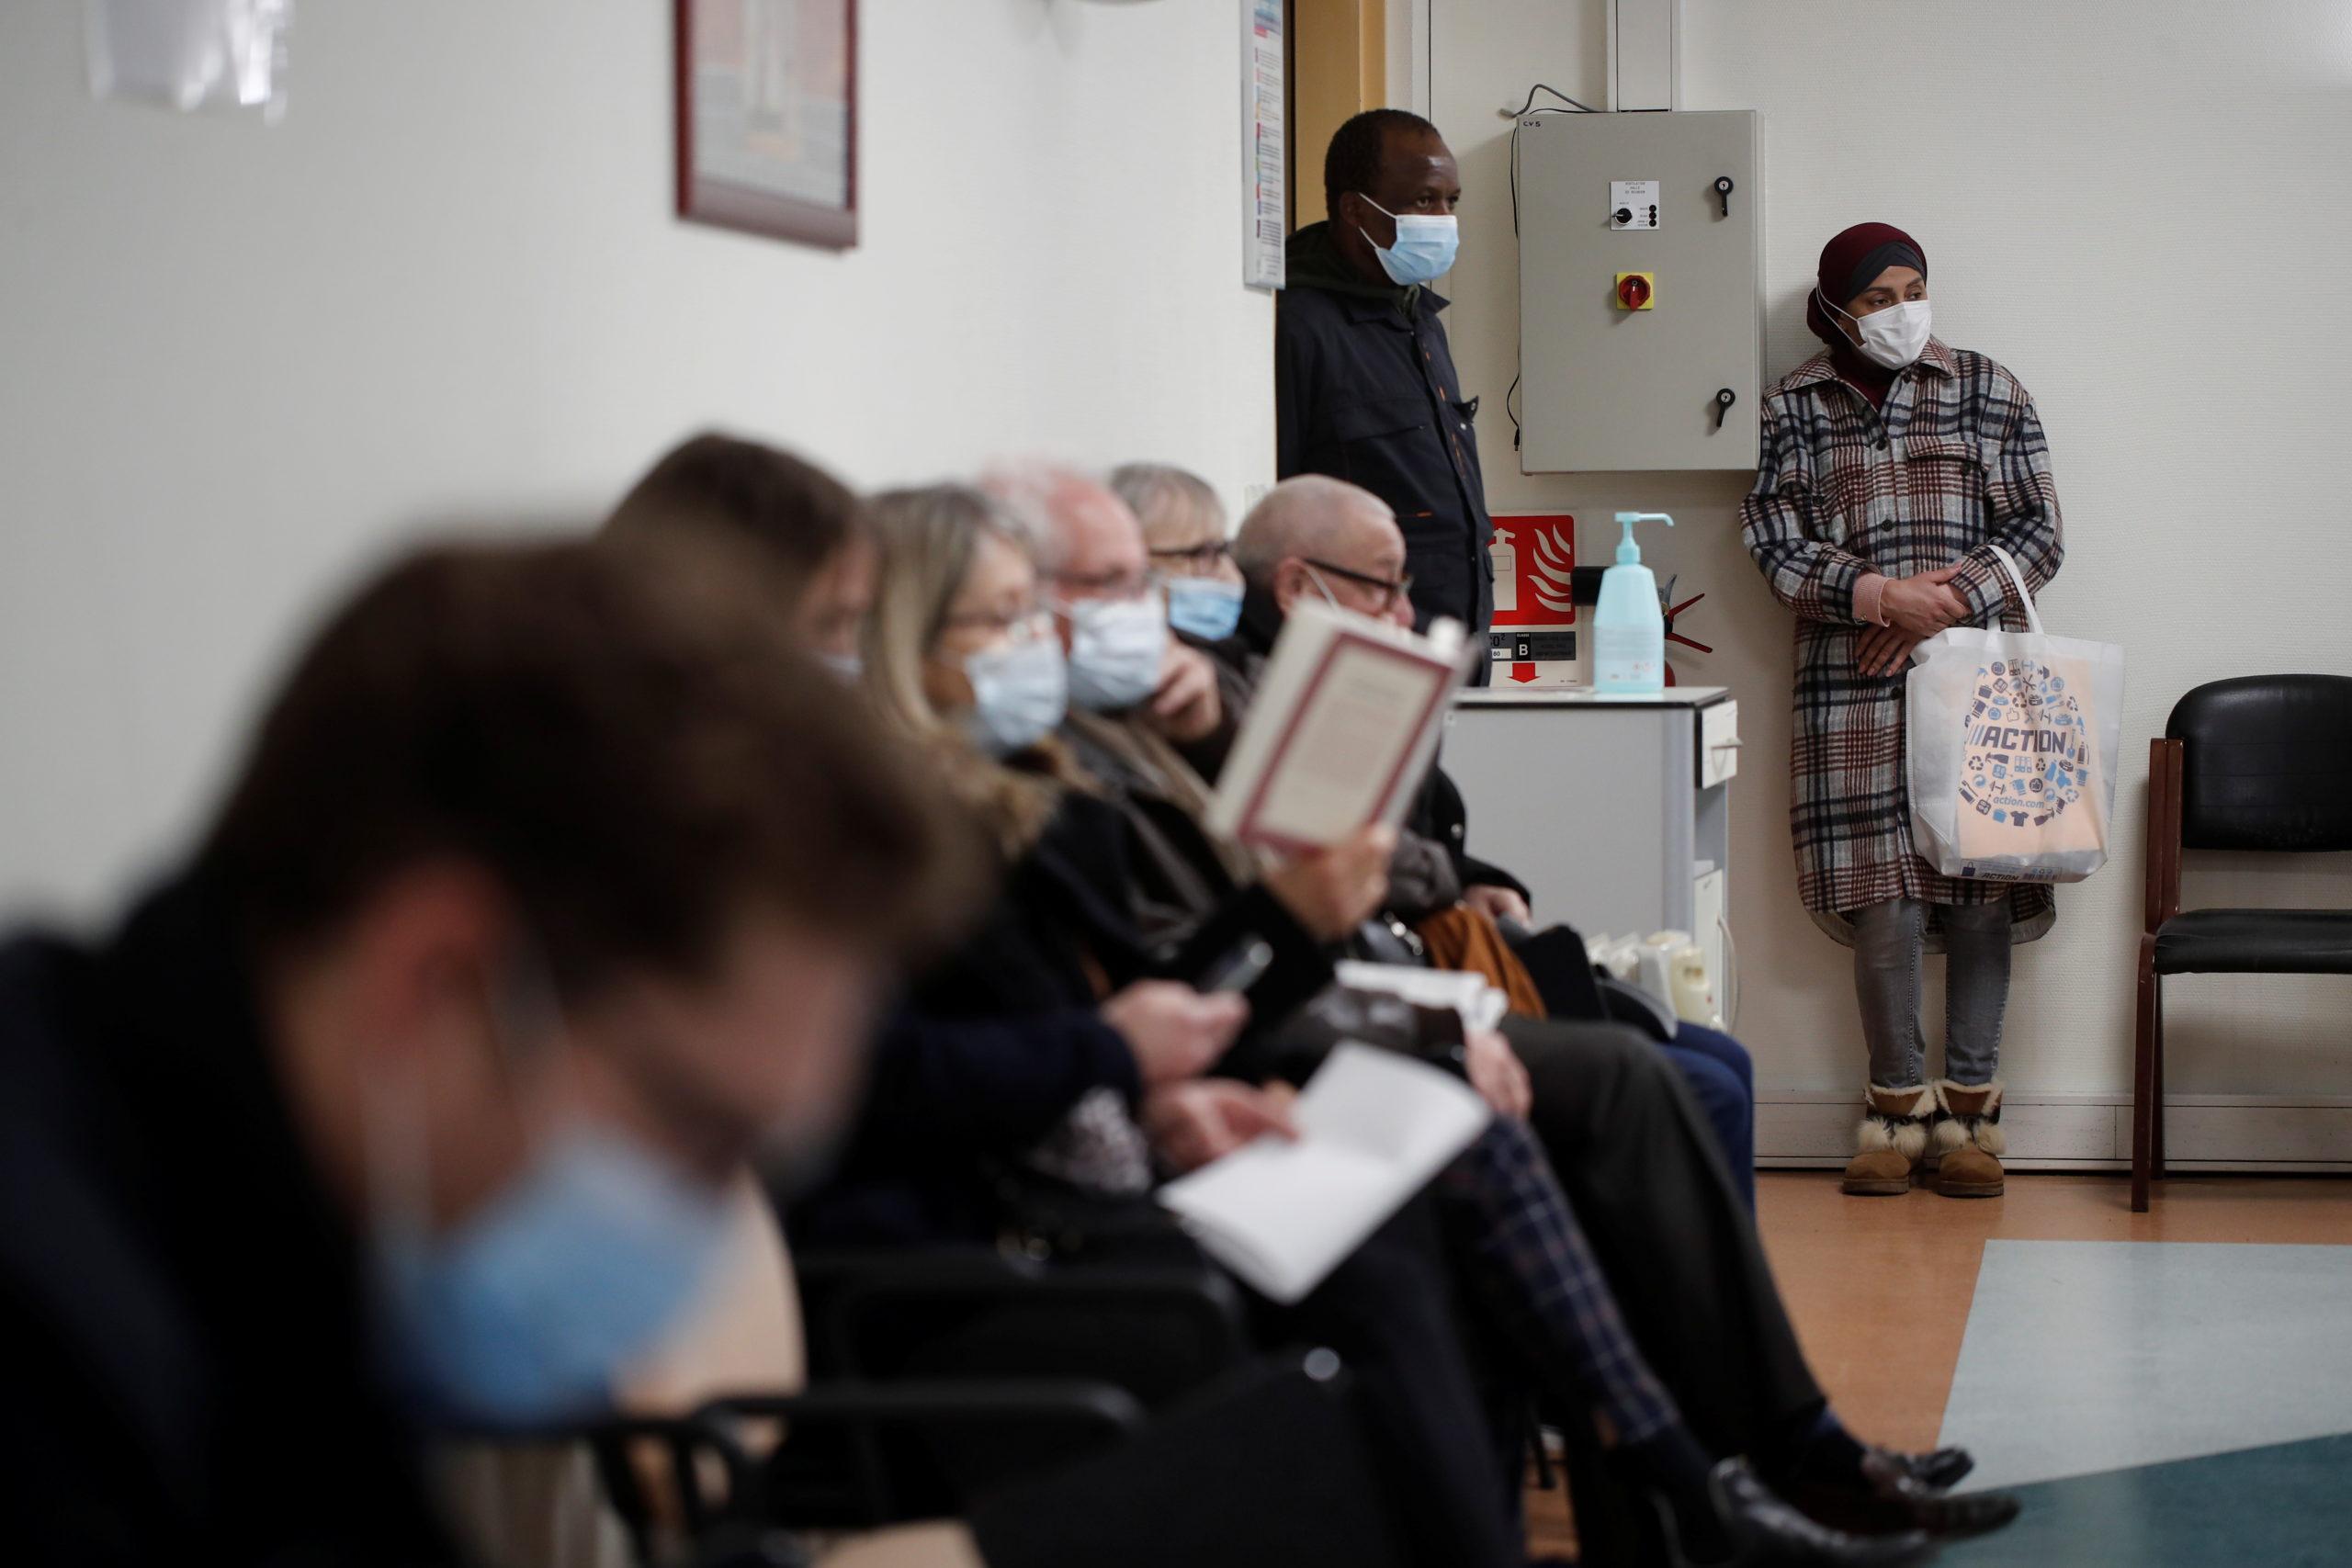 Coronavirus: La France fait état de 23.507 nouveaux cas en 24 heures